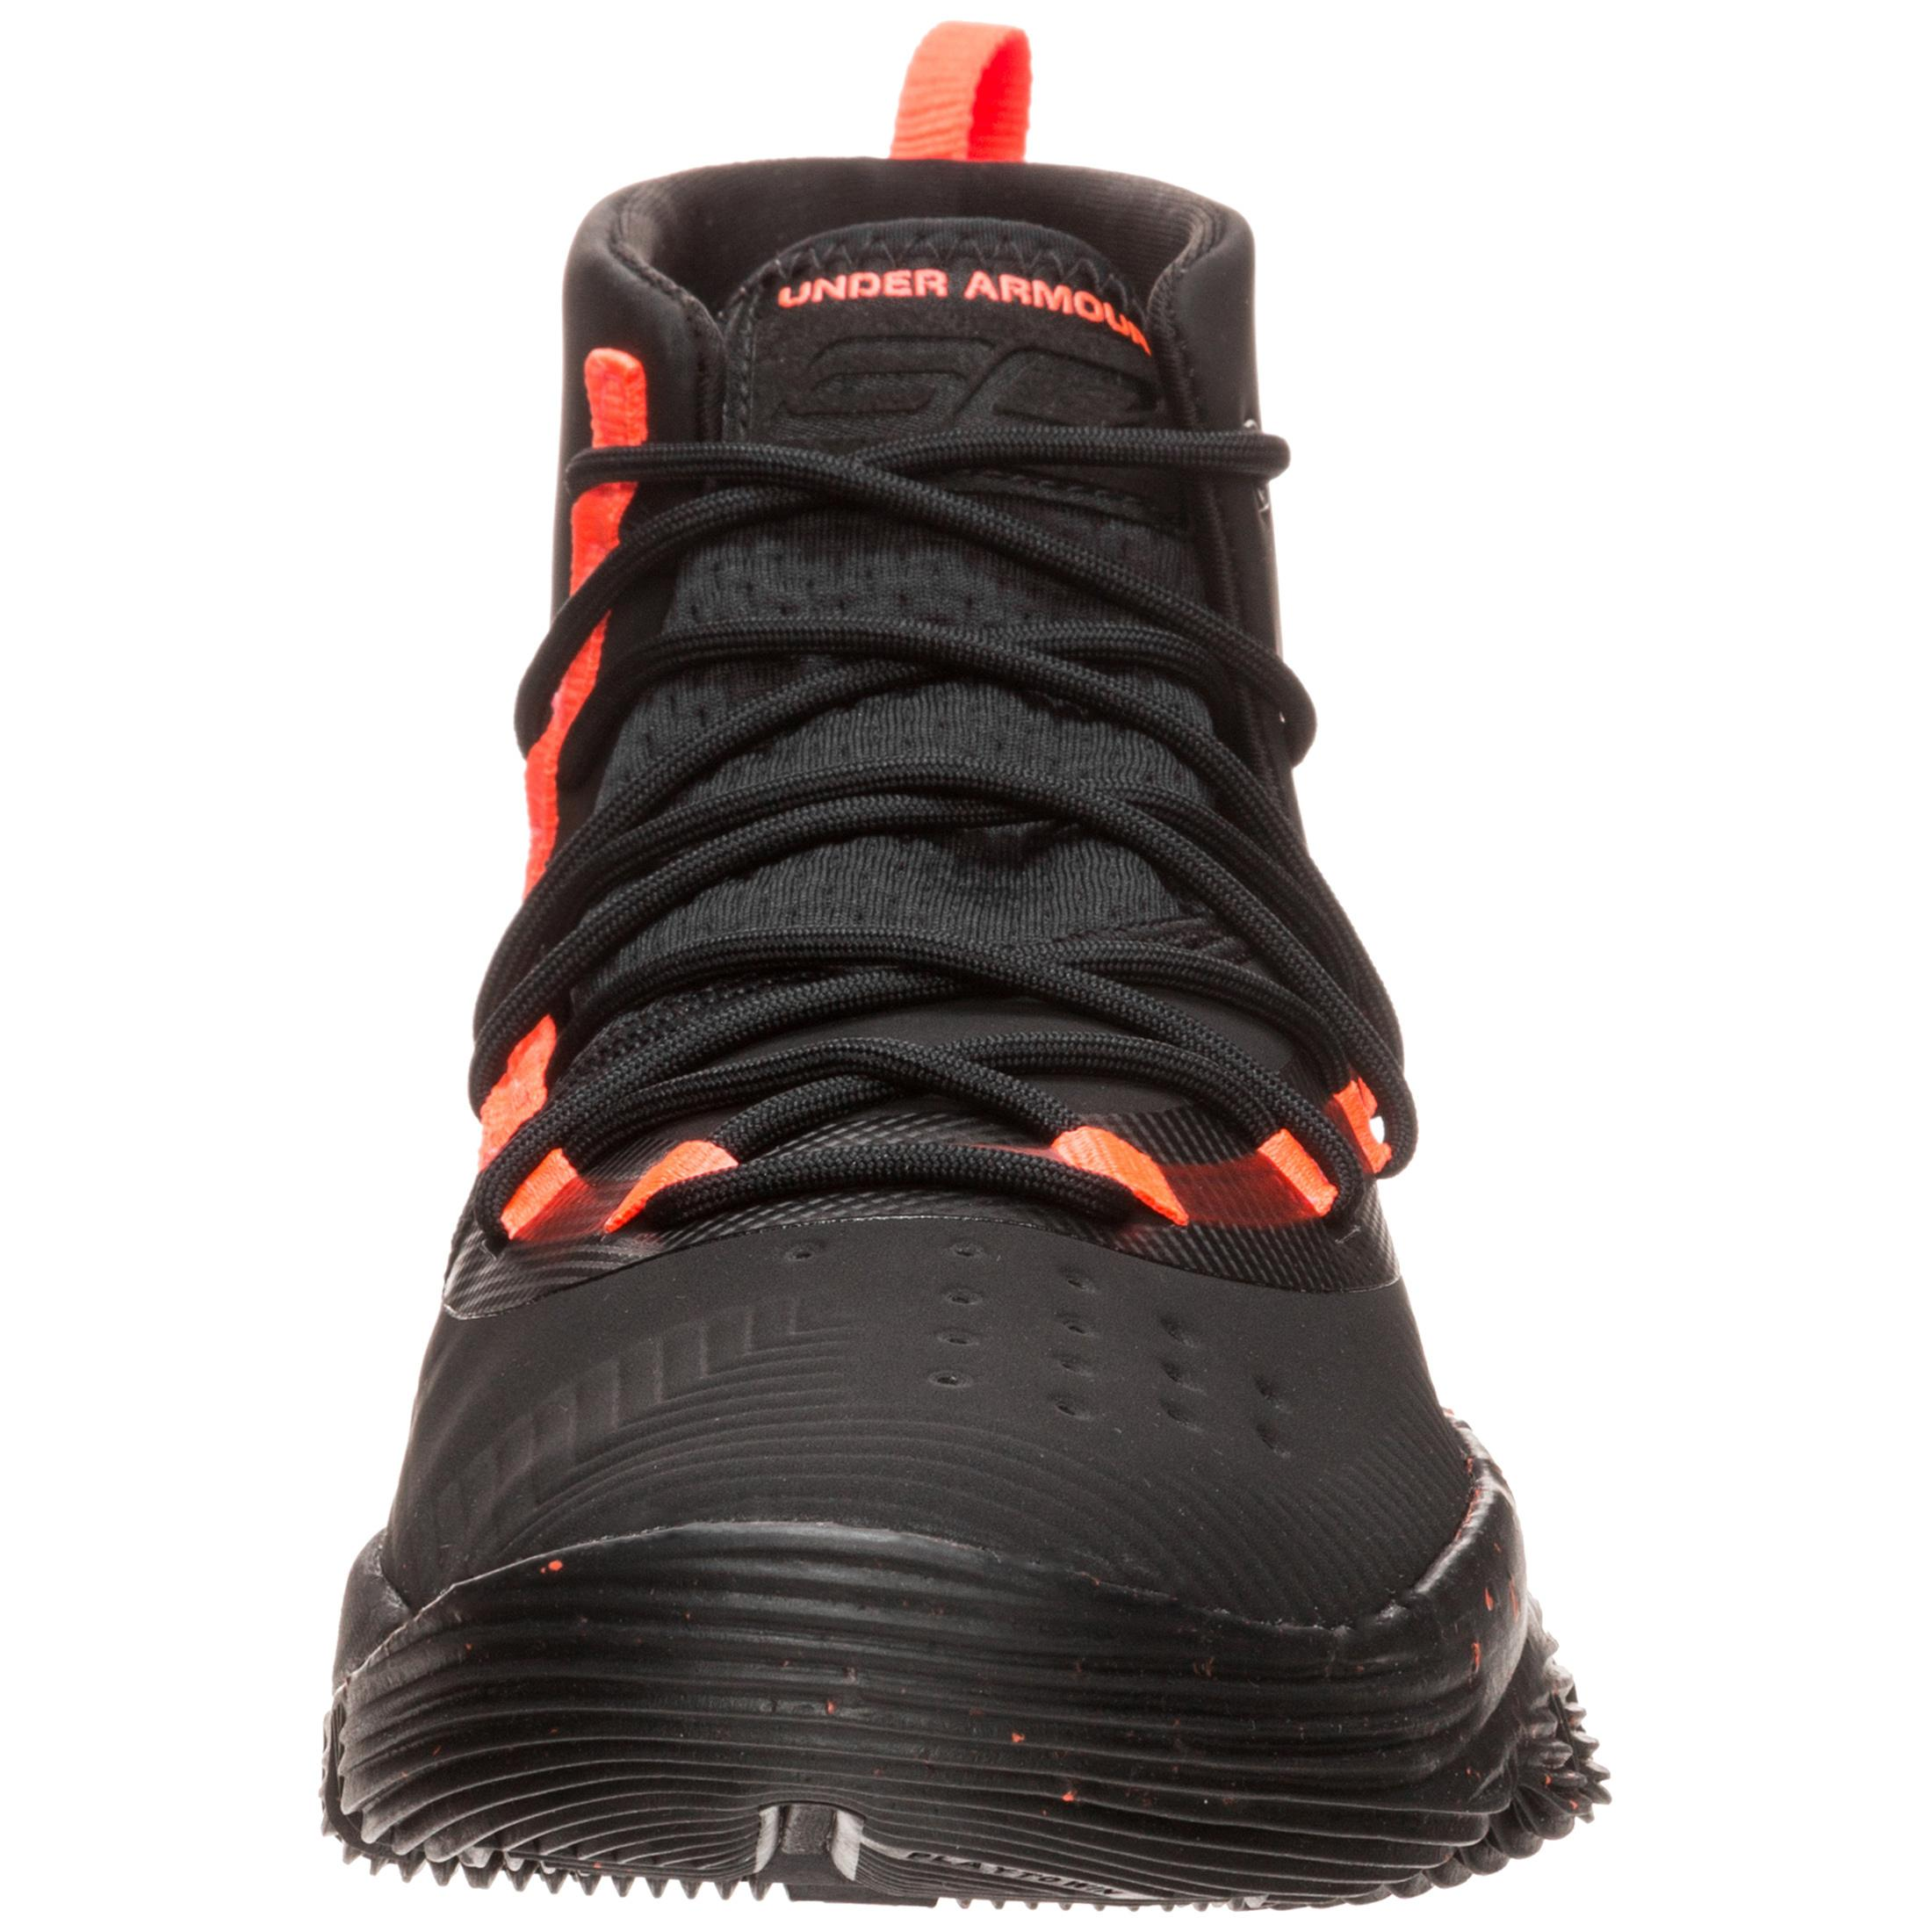 Under Armour SC 3Zero II Basketballschuhe Herren schwarz / weiß SportScheck im Online Shop von SportScheck weiß kaufen Gute Qualität beliebte Schuhe da0314